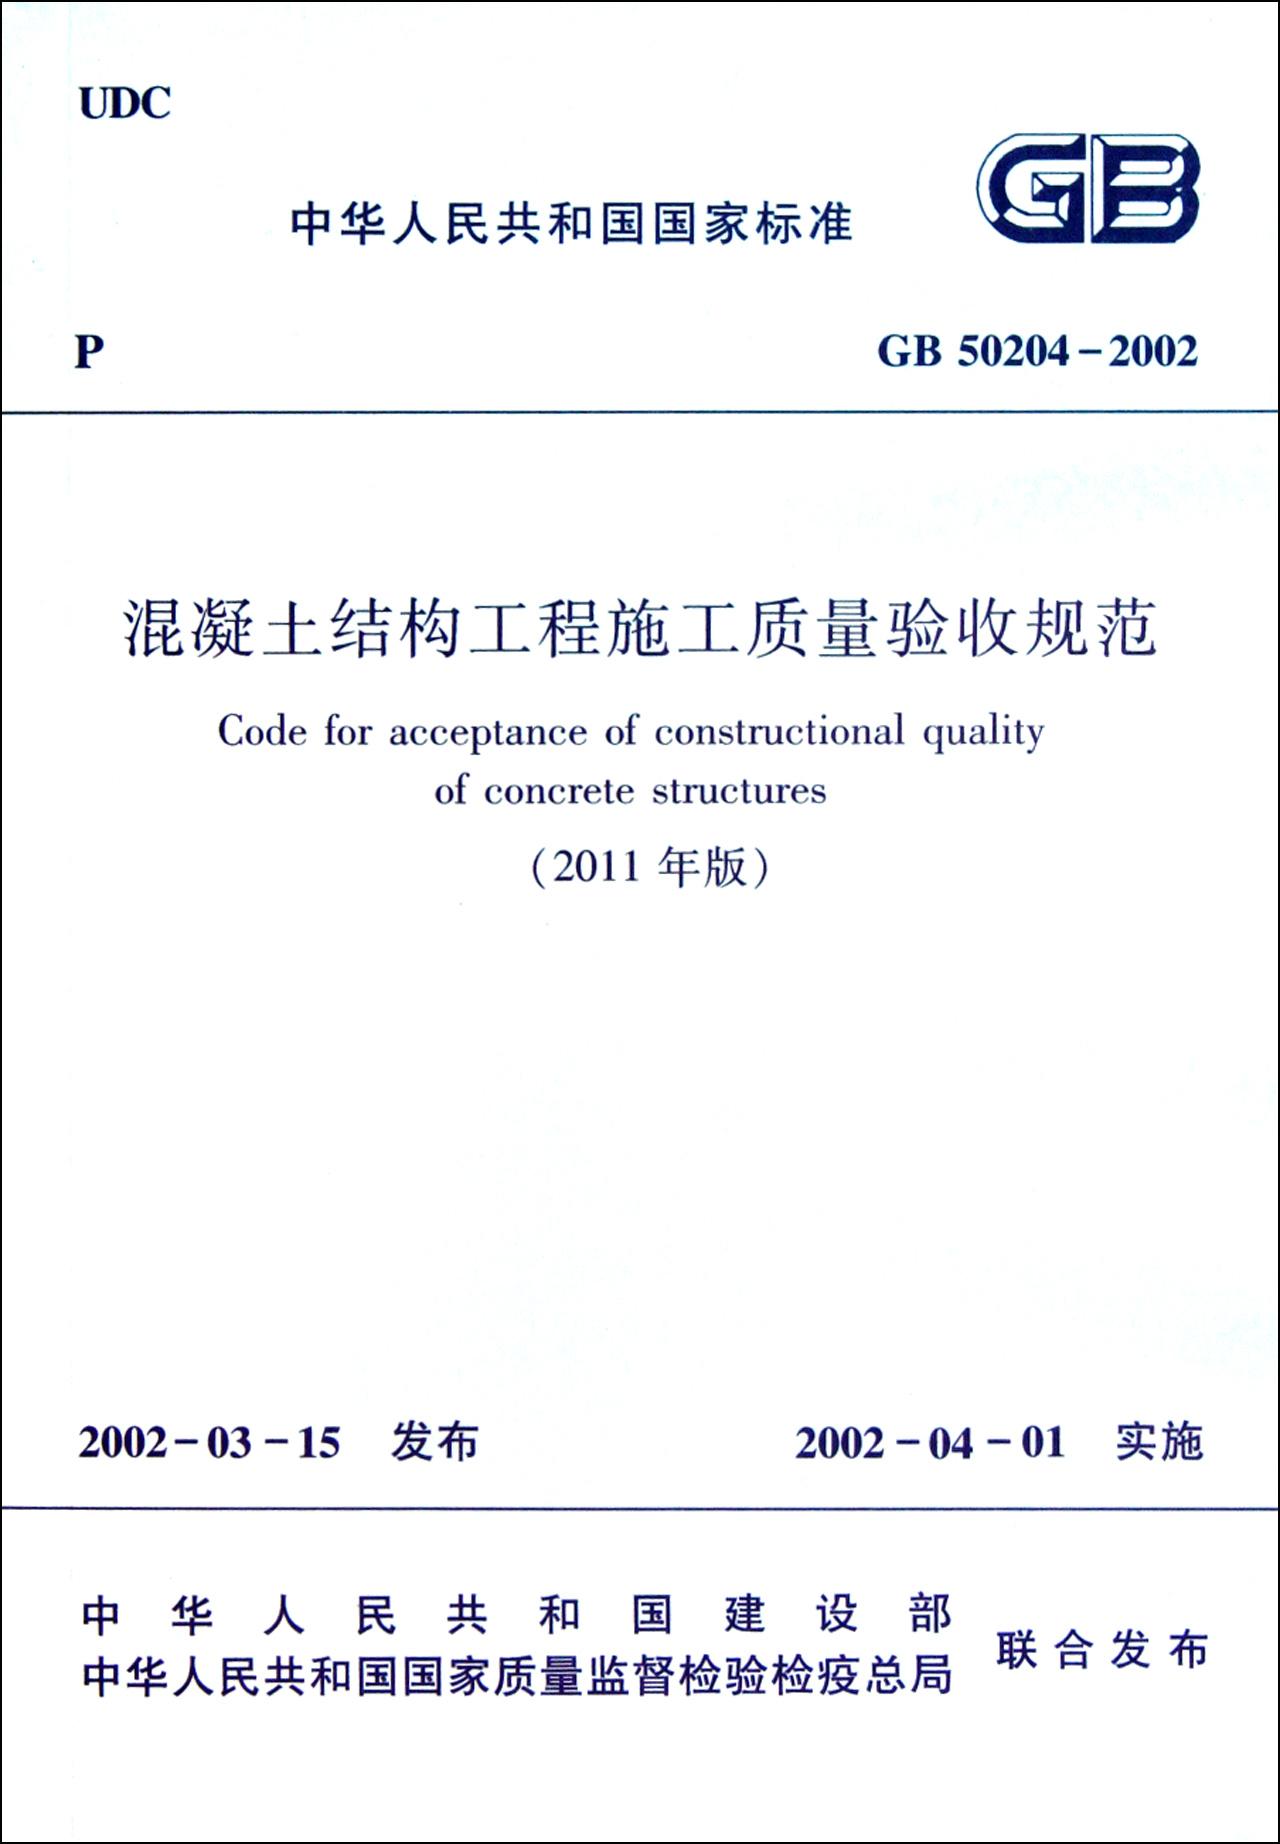 混凝土结构工程施工质量验收规范(2011年版gb50204-)